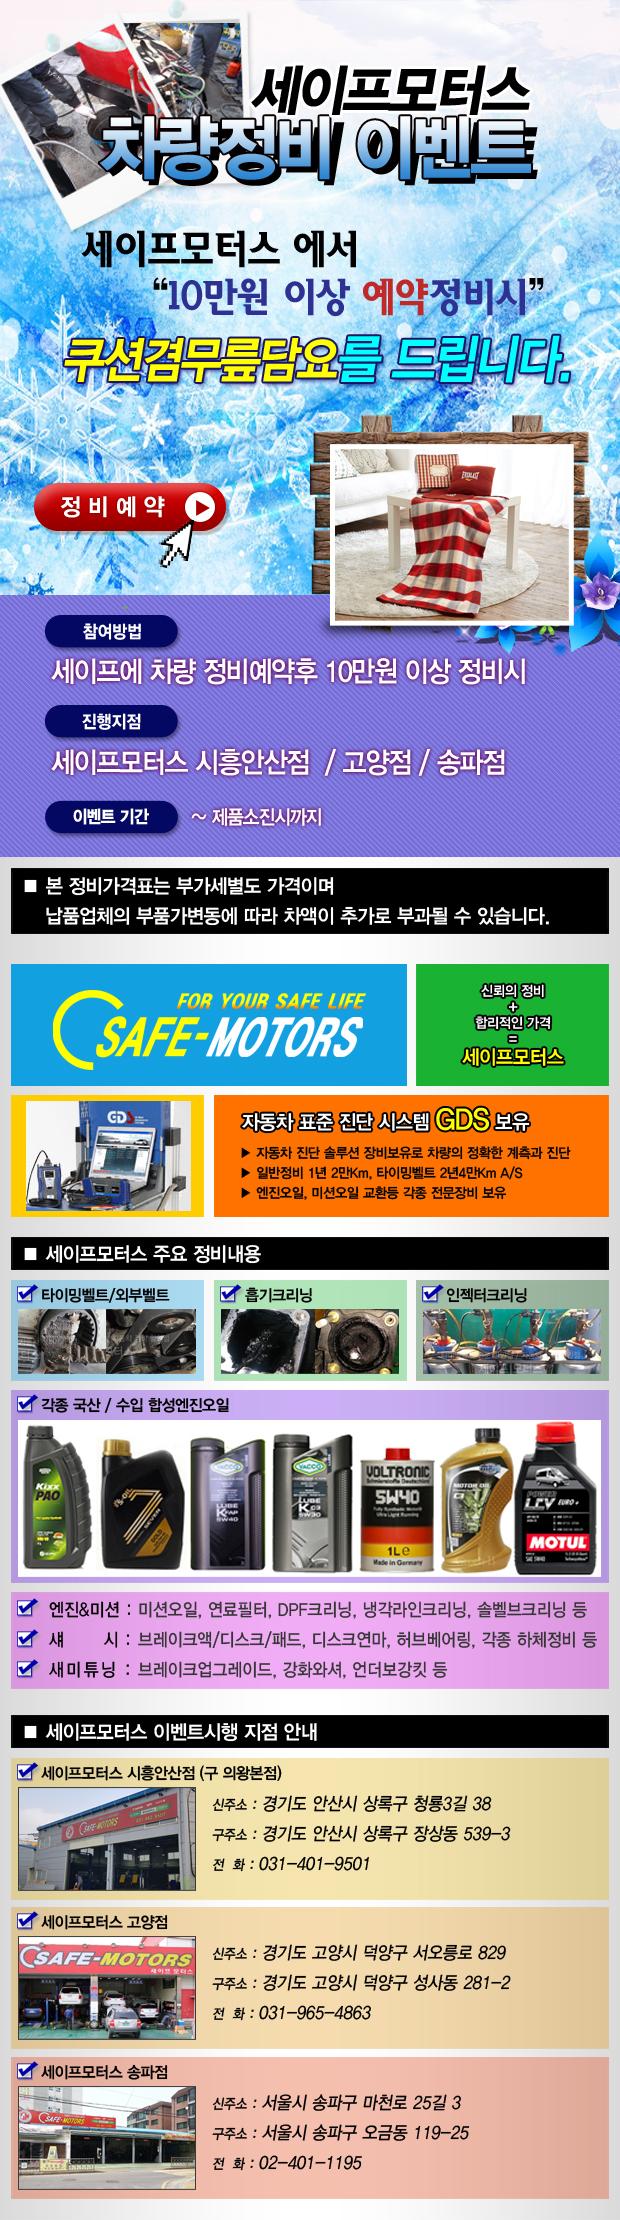 201812_차량정비이벤트_무릎담요.jpg